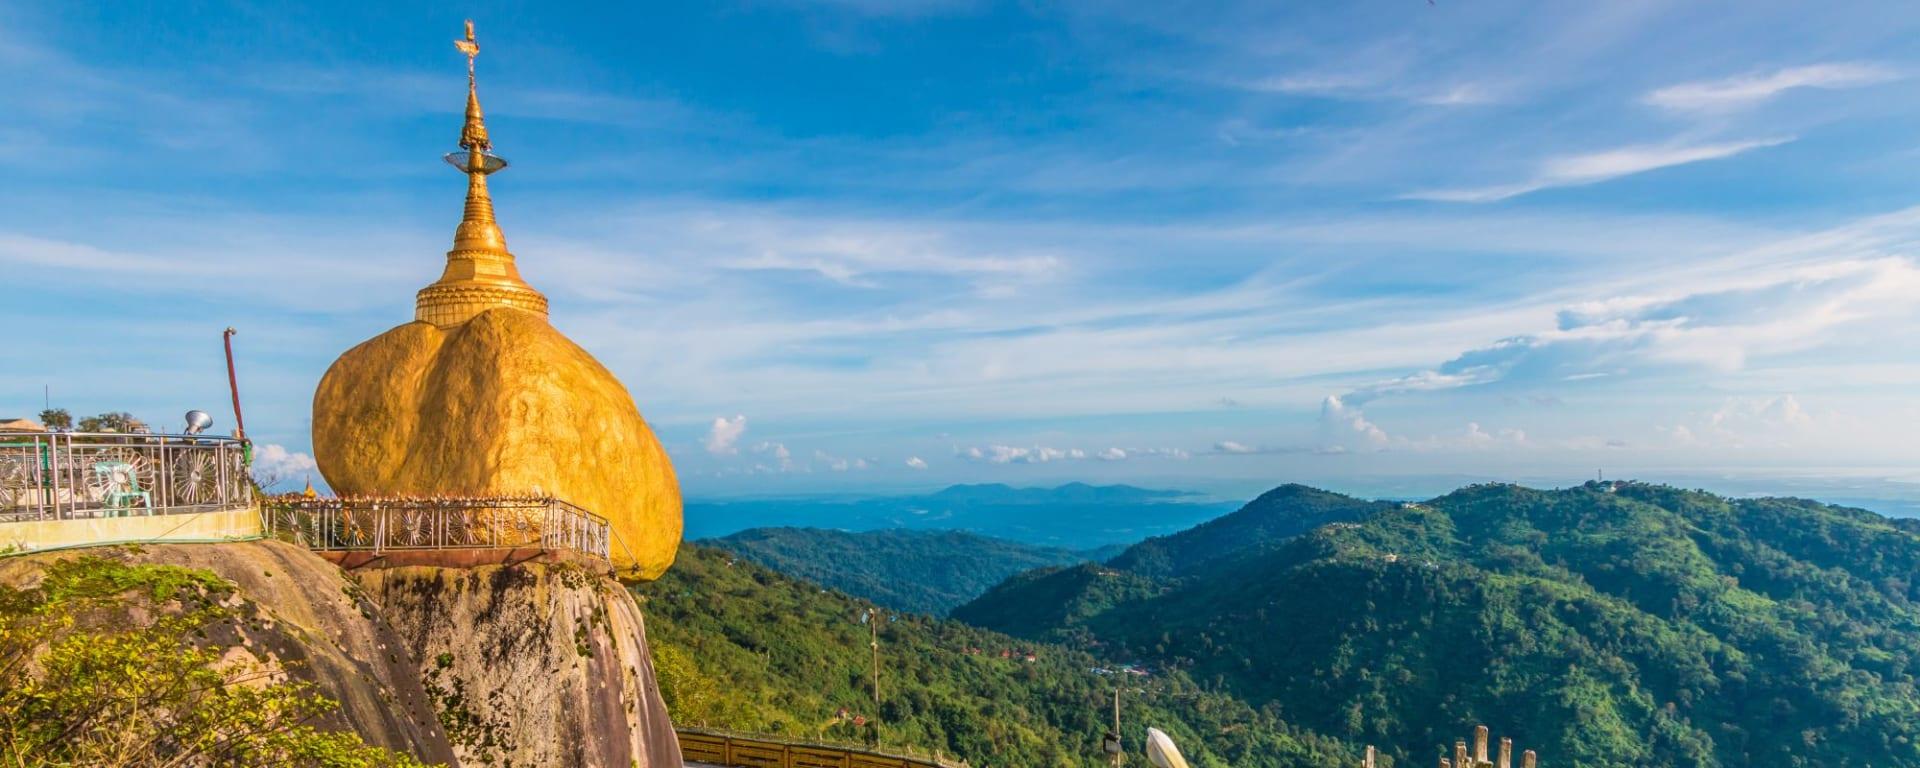 Voyage au Rocher d'Or  (traversée de Bangkok à Yangon): Golden Rock